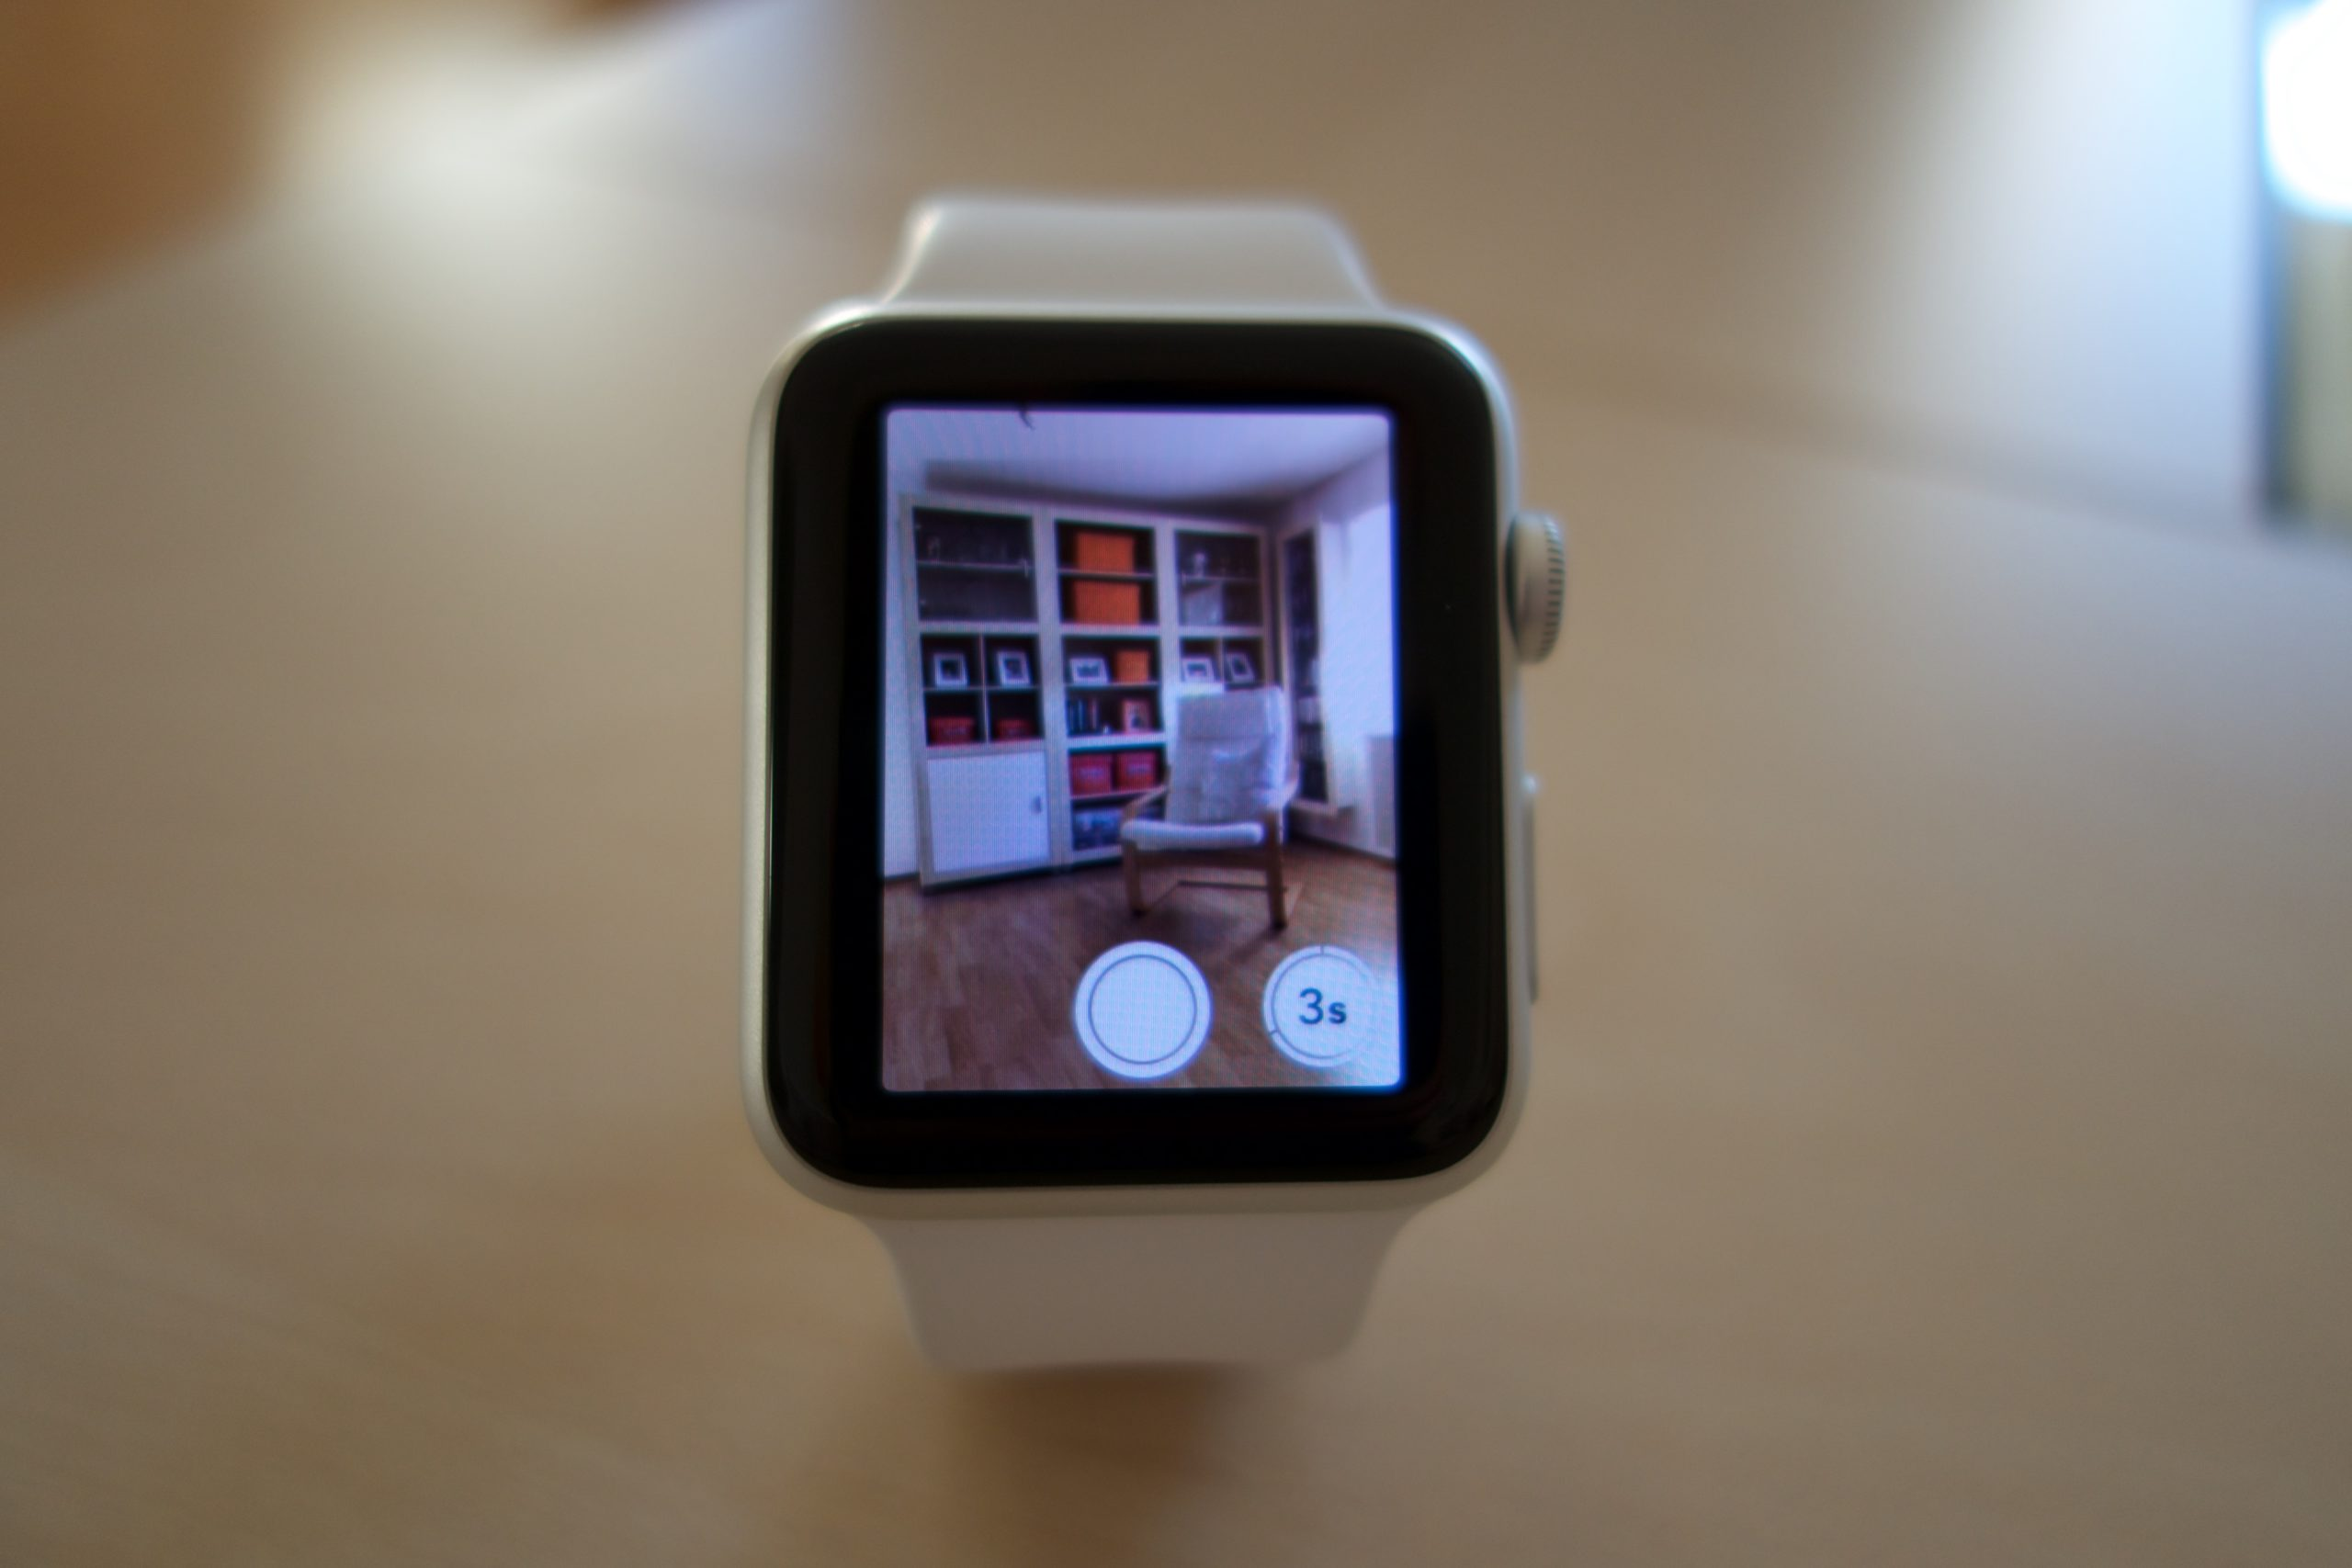 Steuerung der iPhone-Kamera per Apple Watch.